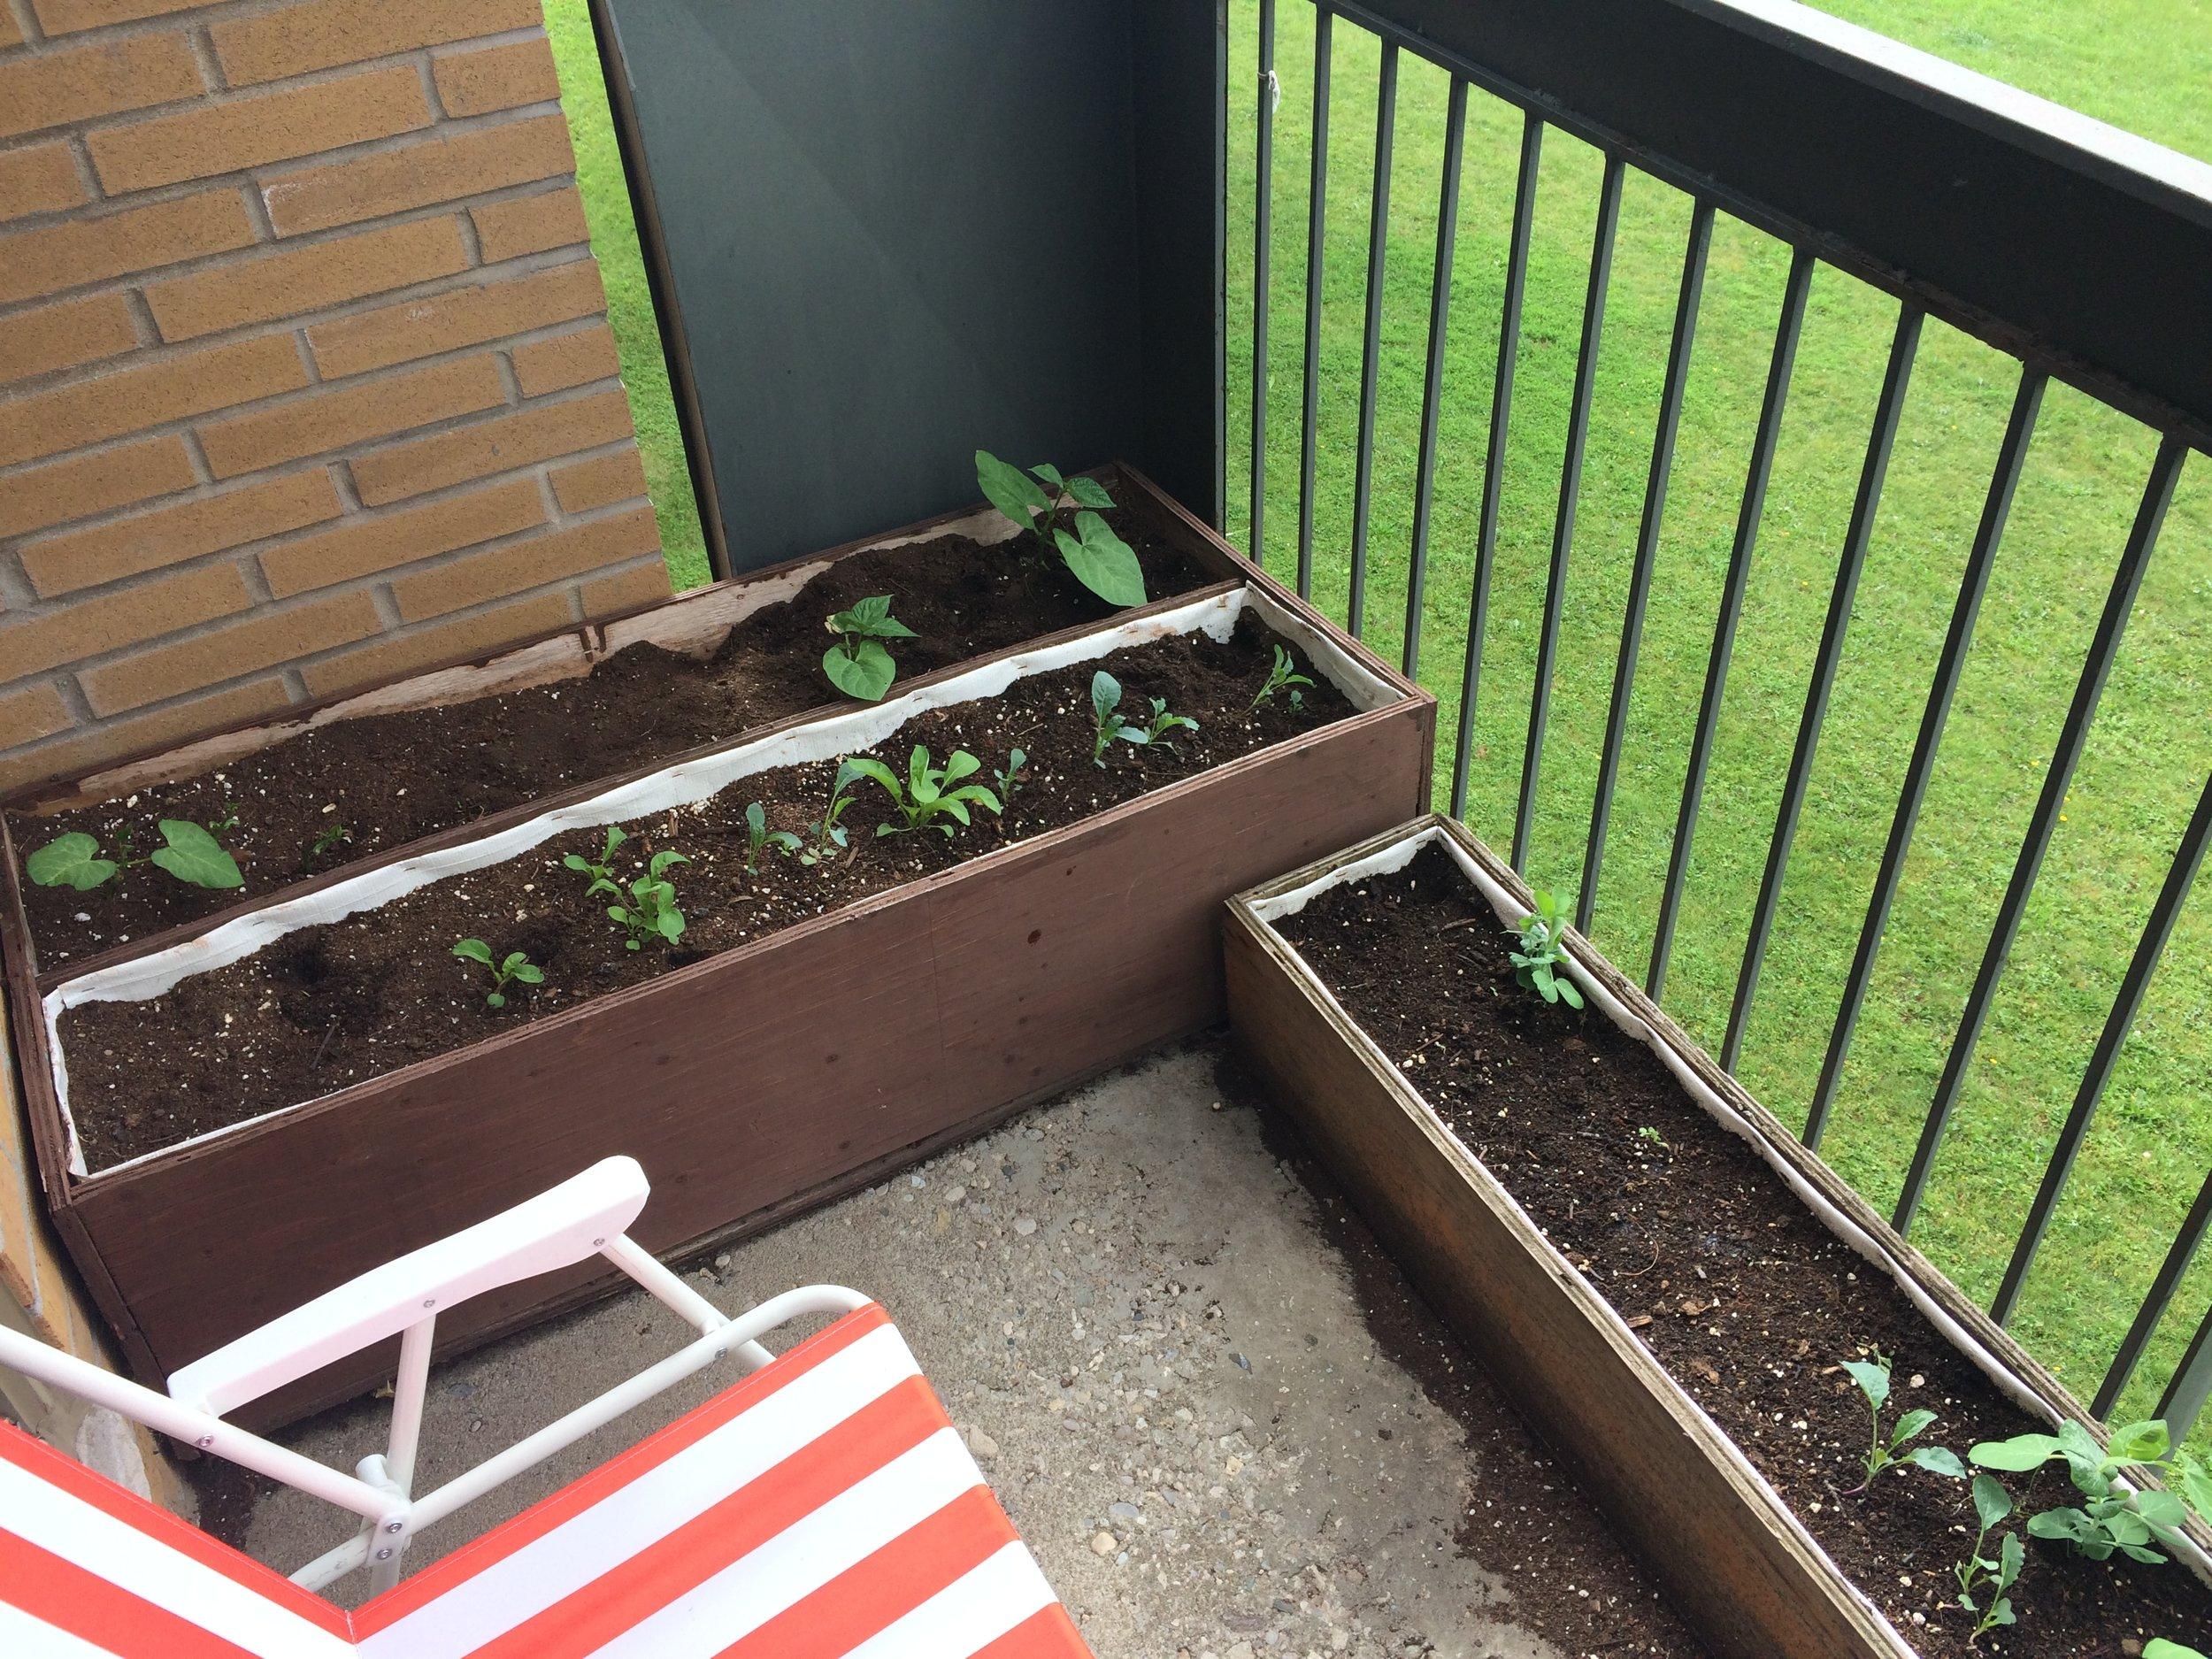 Kitchener Team's balcony garden